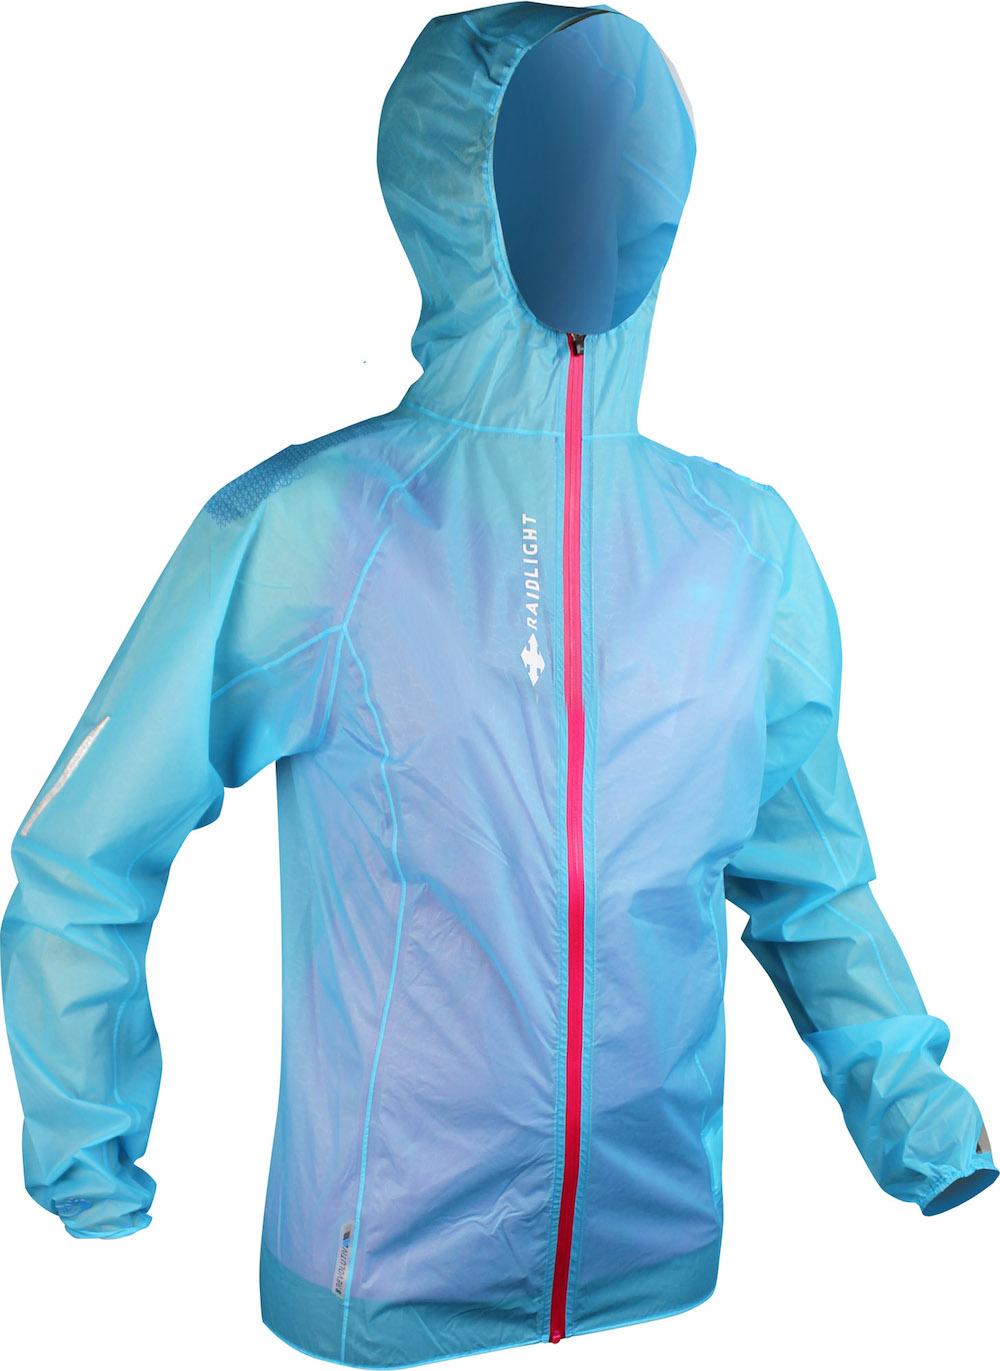 Raidlight Hyperlight  Mp + Jacket - Hardshell jacket - Women's